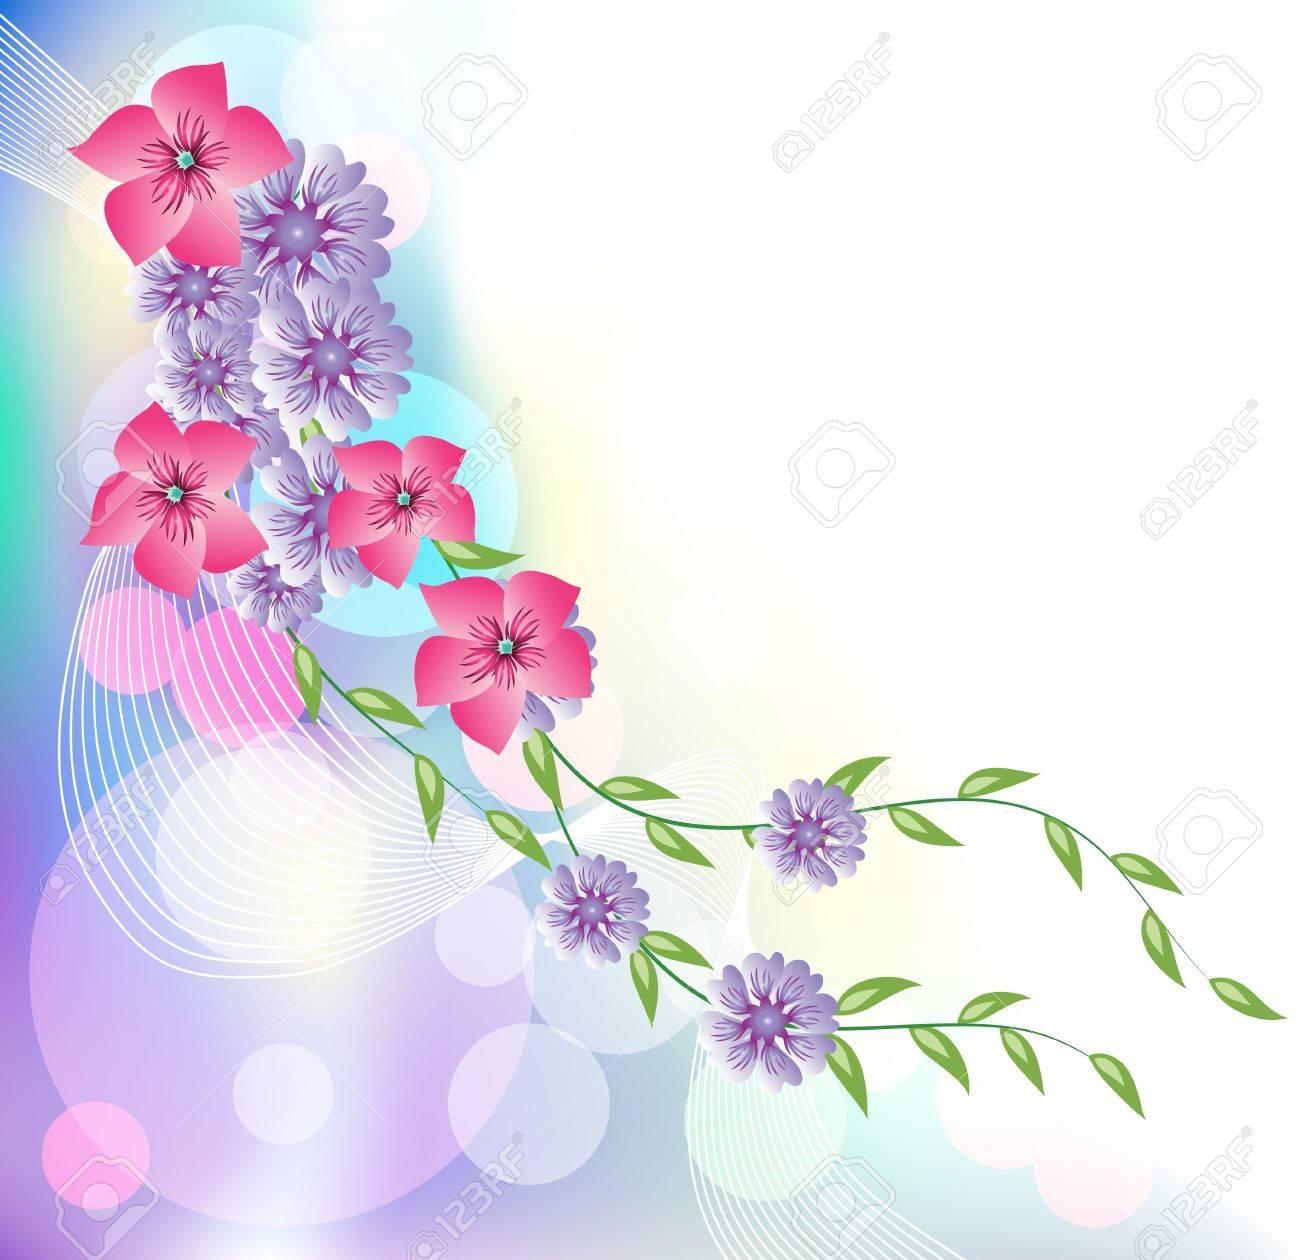 Fondo Resplandeciente Con Flores Para Diversas Obras De Arte De